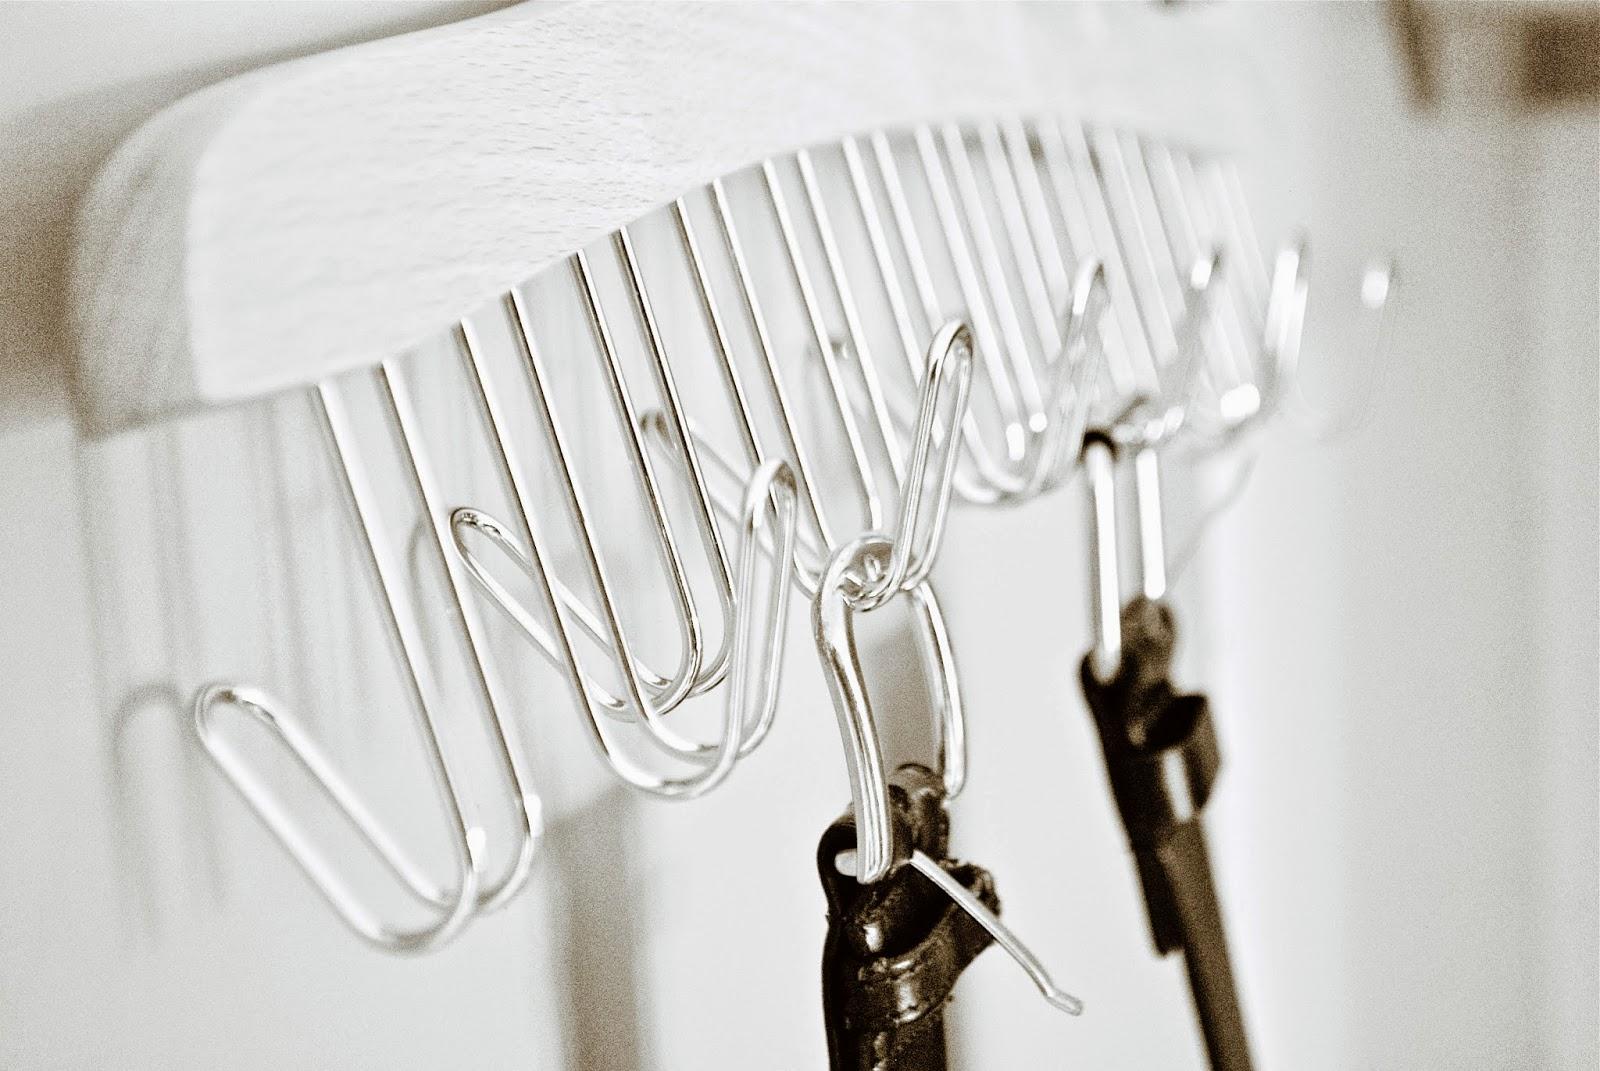 Gürtel im Kleiderschrank aufhängen